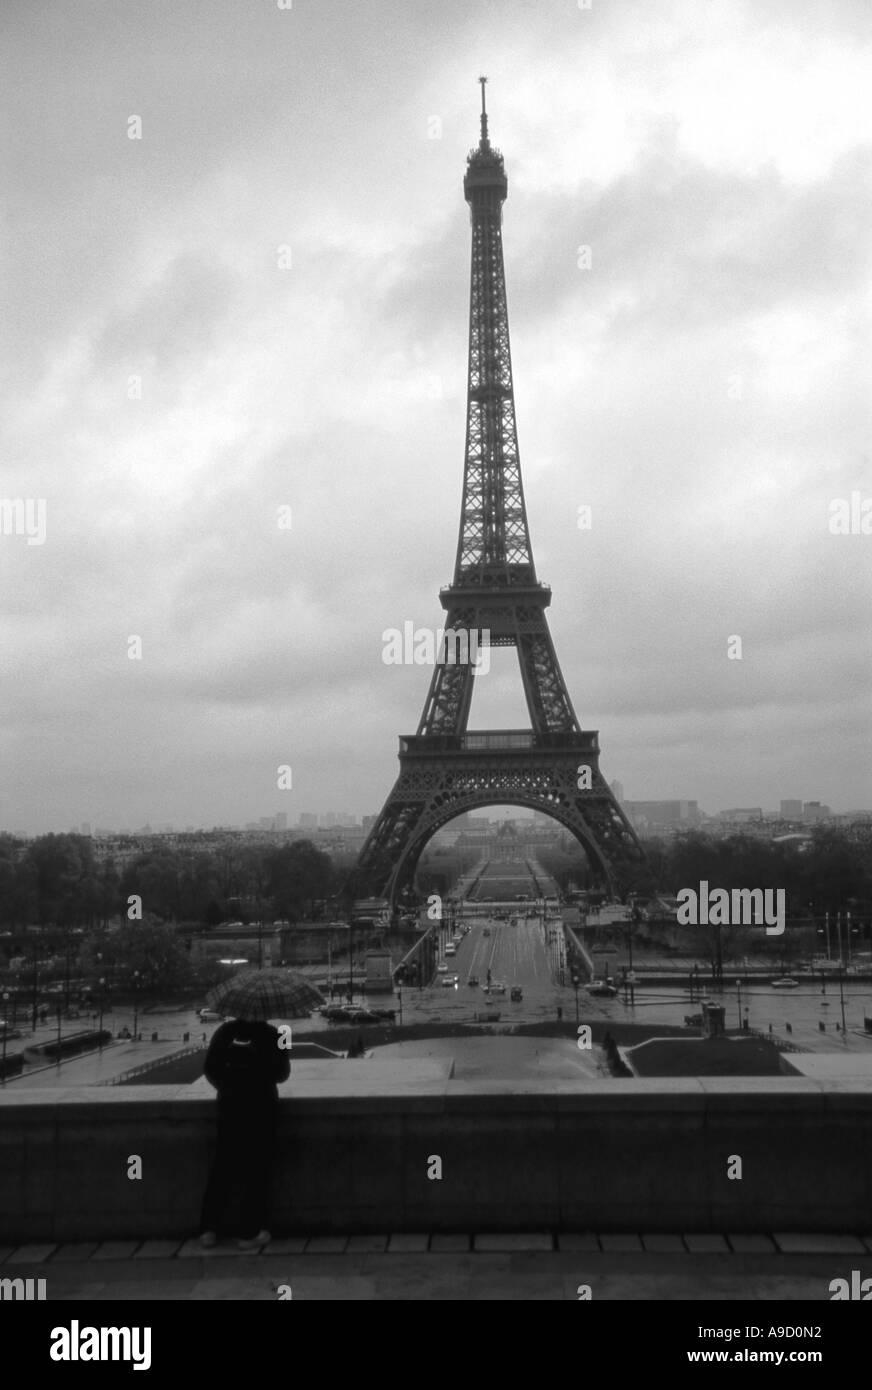 Zeigen Sie herrliche Tour Eiffel-Turm, einer der höchsten Eisen-Gebäude in der Welt Paris Frankreich-Nordeuropa an Stockfoto